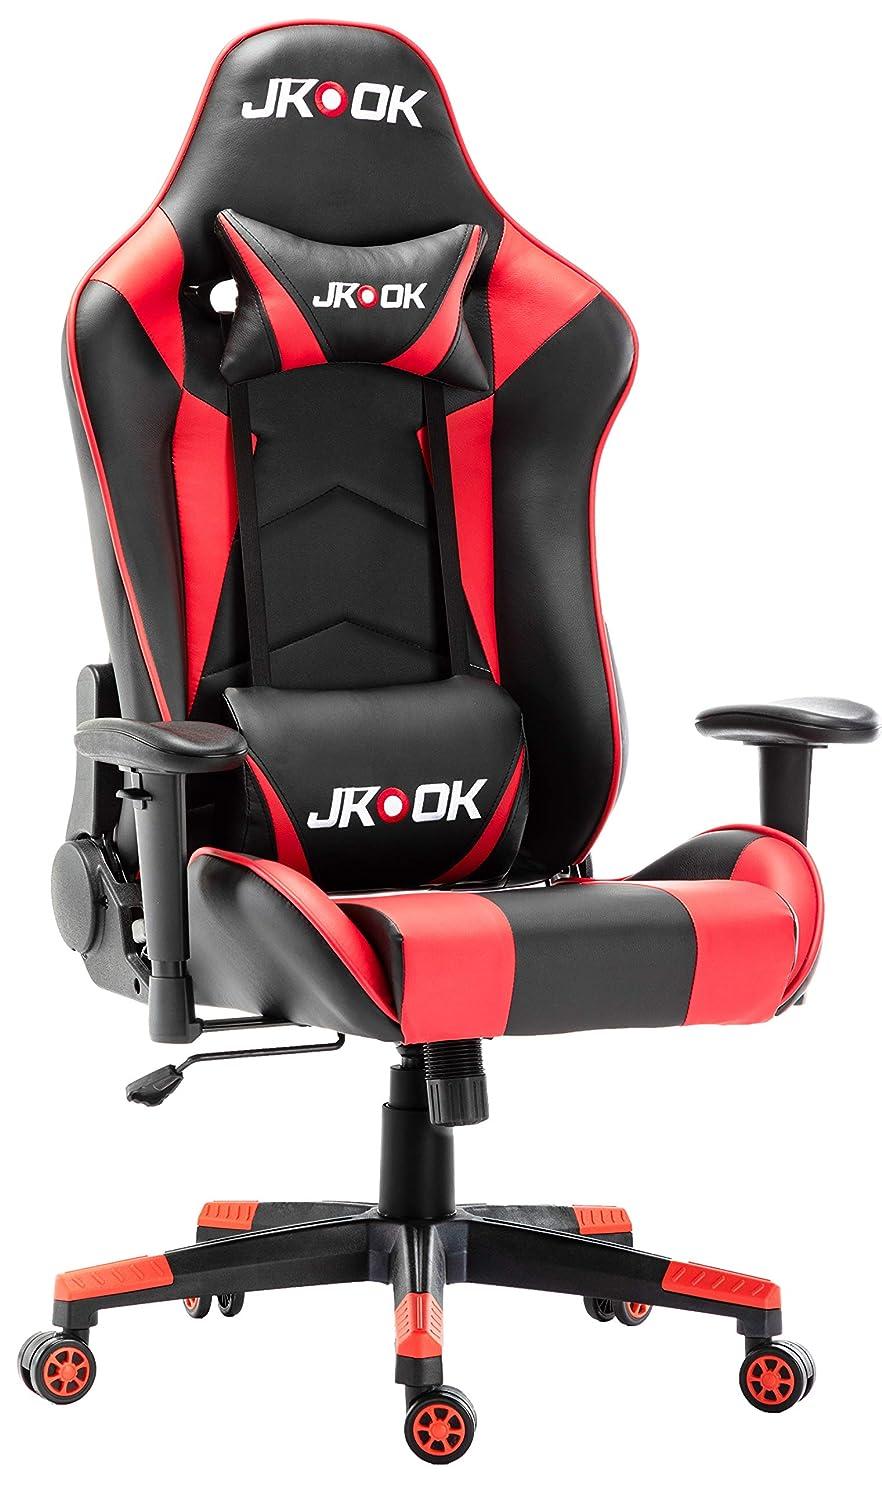 見て曲げる同一のJKOOK ゲーミングチェア オフィスチェア デスクチェア ゲーム用チェア 幅広い目 大きいサイズ ゆったり 高密度定型ウレタン 快適な座り心地 ゲーム用 オフィス リクライニング パソコンチェアーひじ掛け付き ランバーサポート PUレザー HN03 (赤)